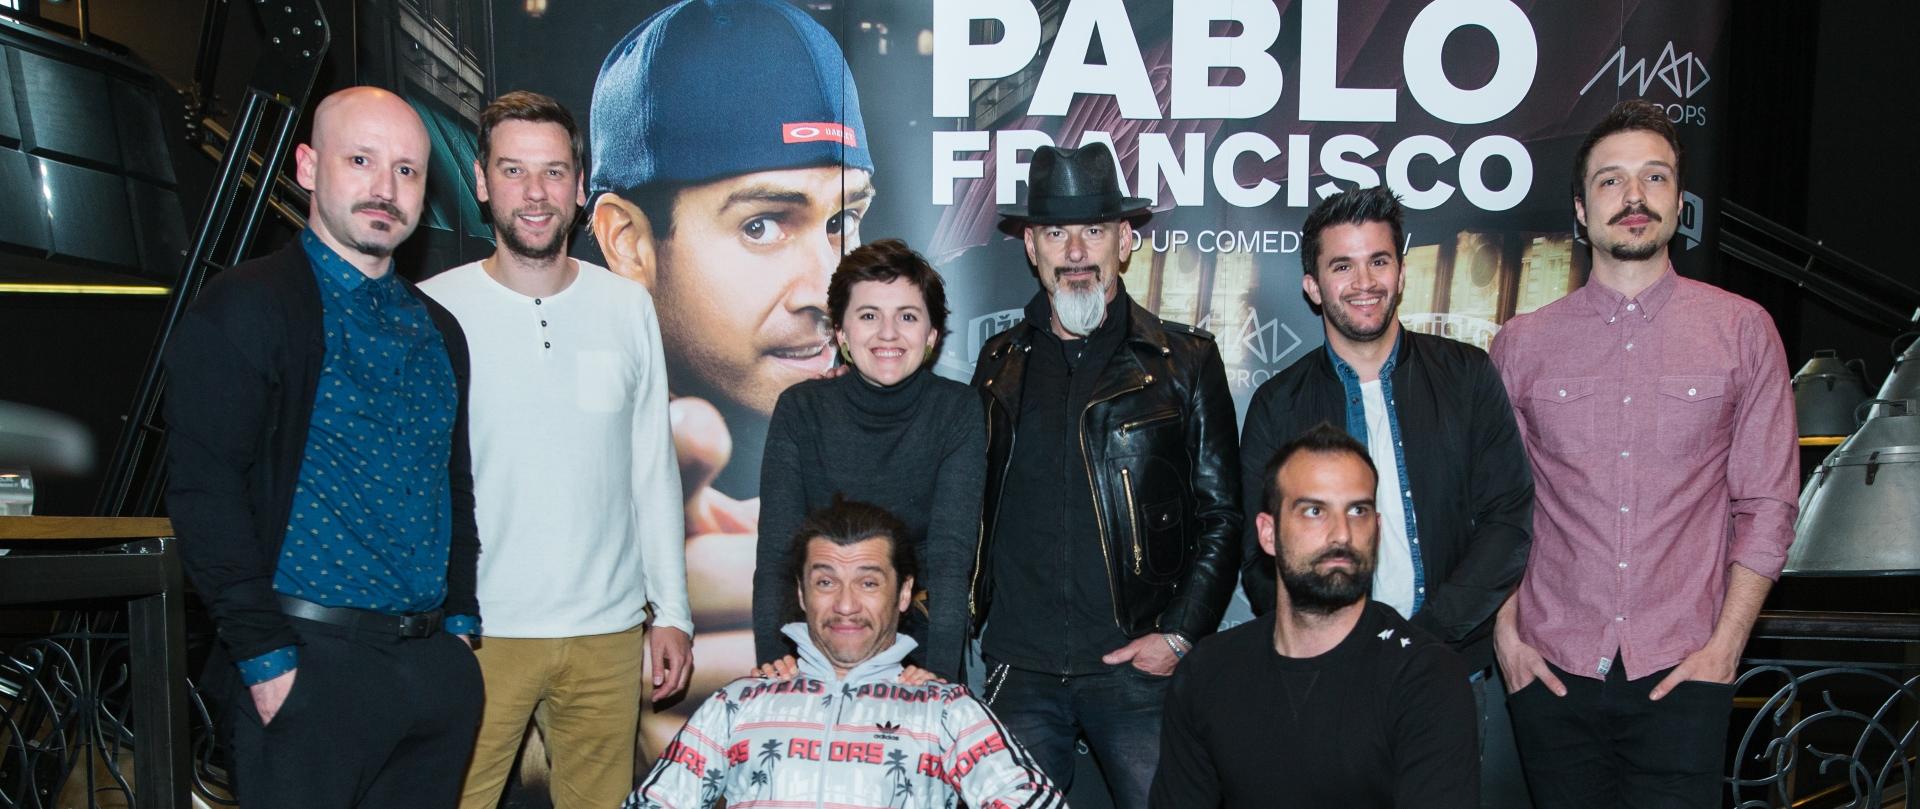 FOTO: Brojni poznati s nestrpljenjem iščekuju komičarski show godine